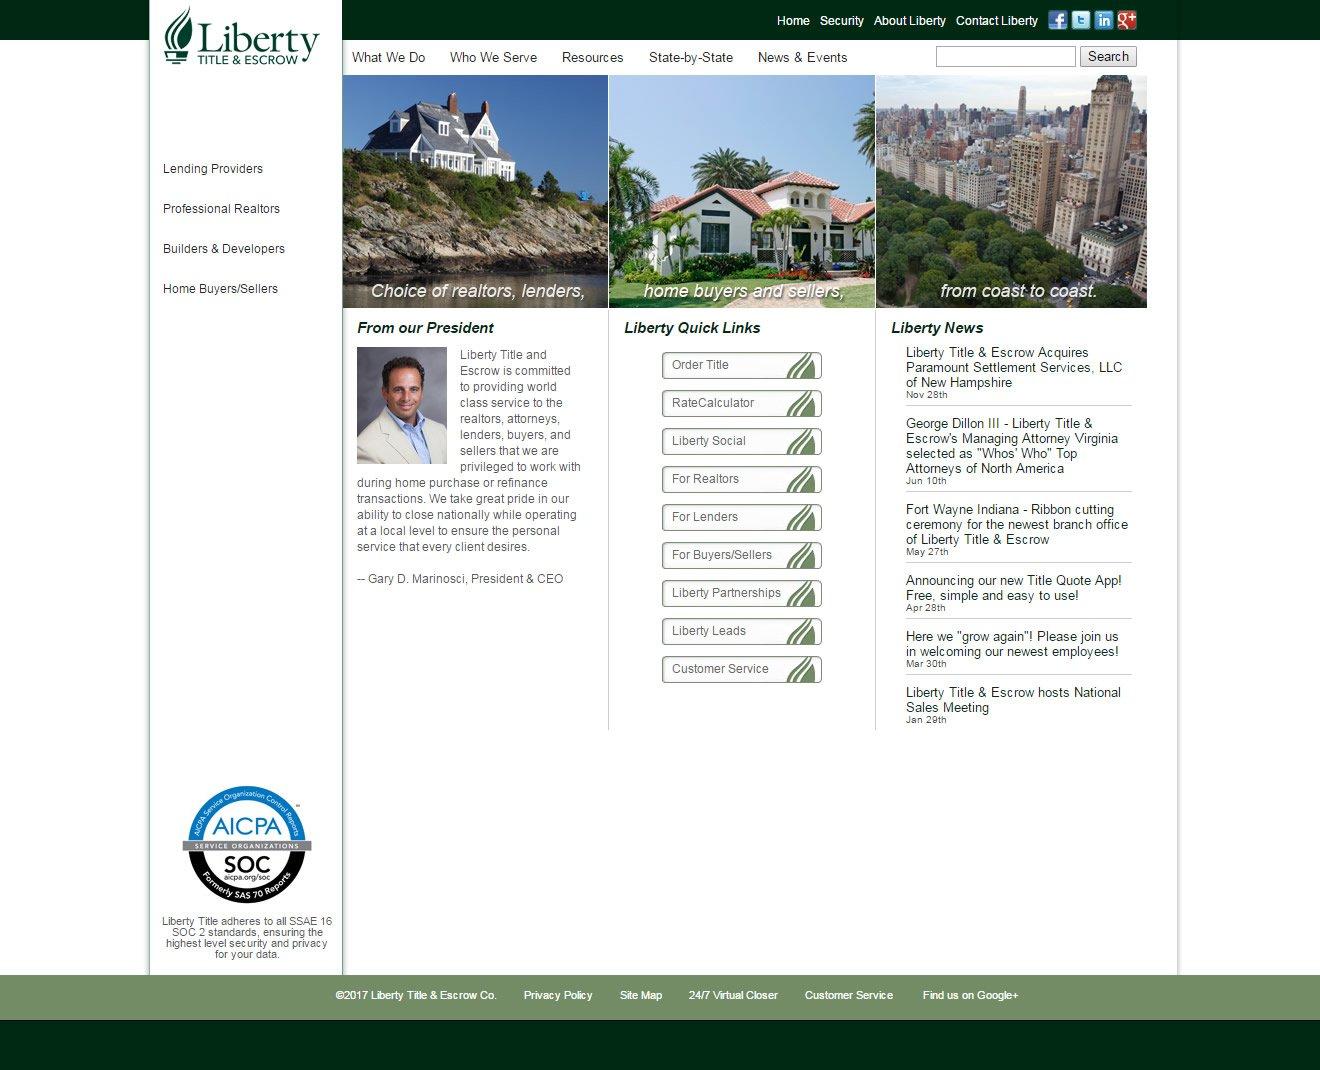 drupal-website-designing-company